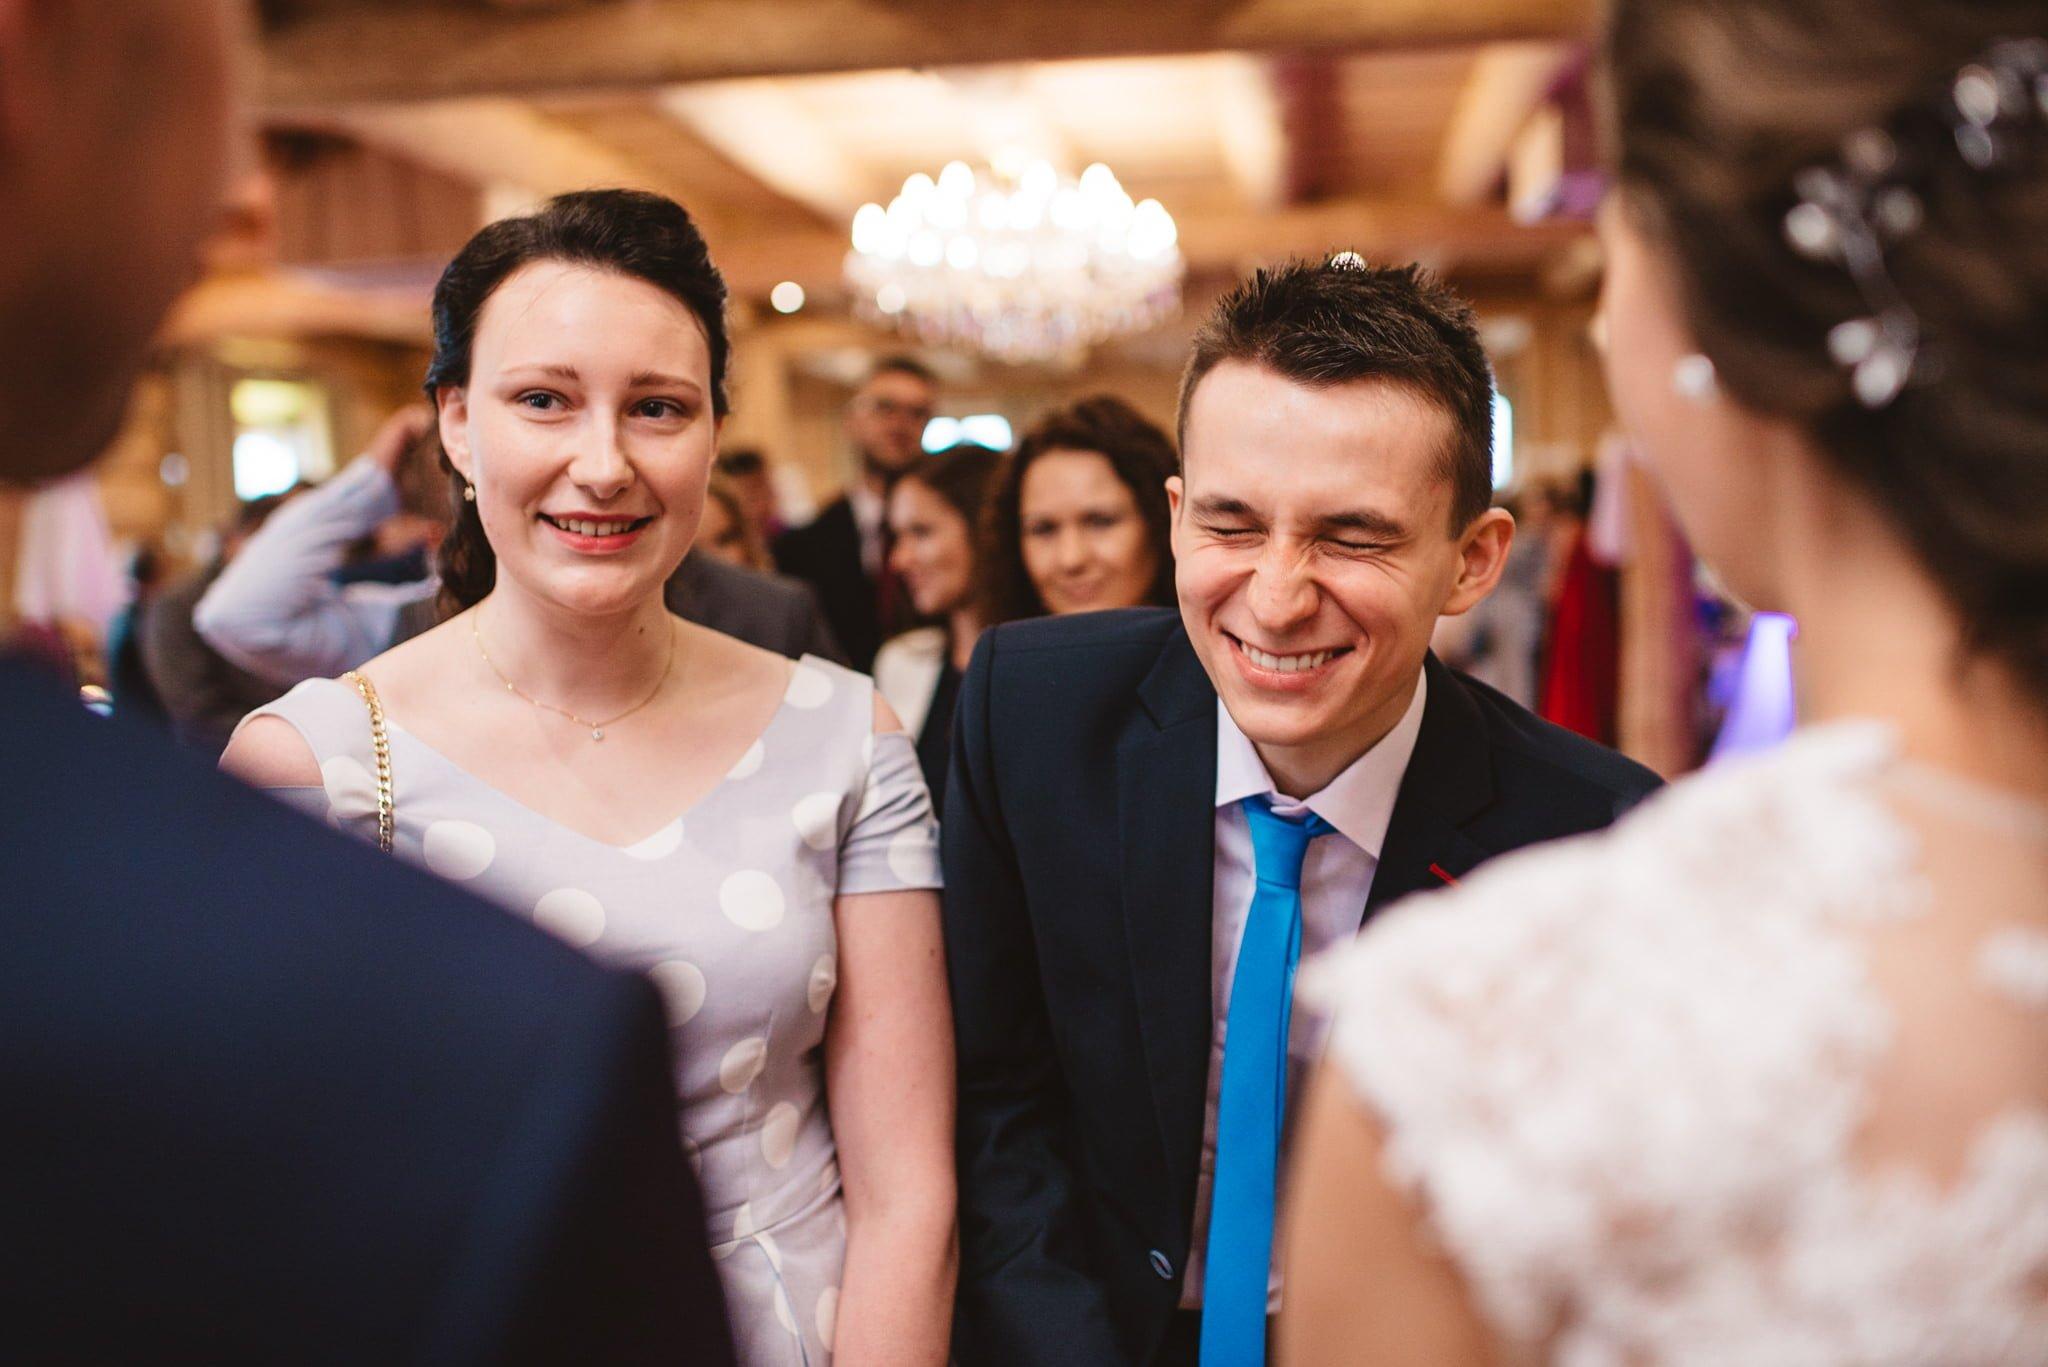 Ala i Arek, czyli jak zorganizować ślub i wesele w 4 tygodnie! 175